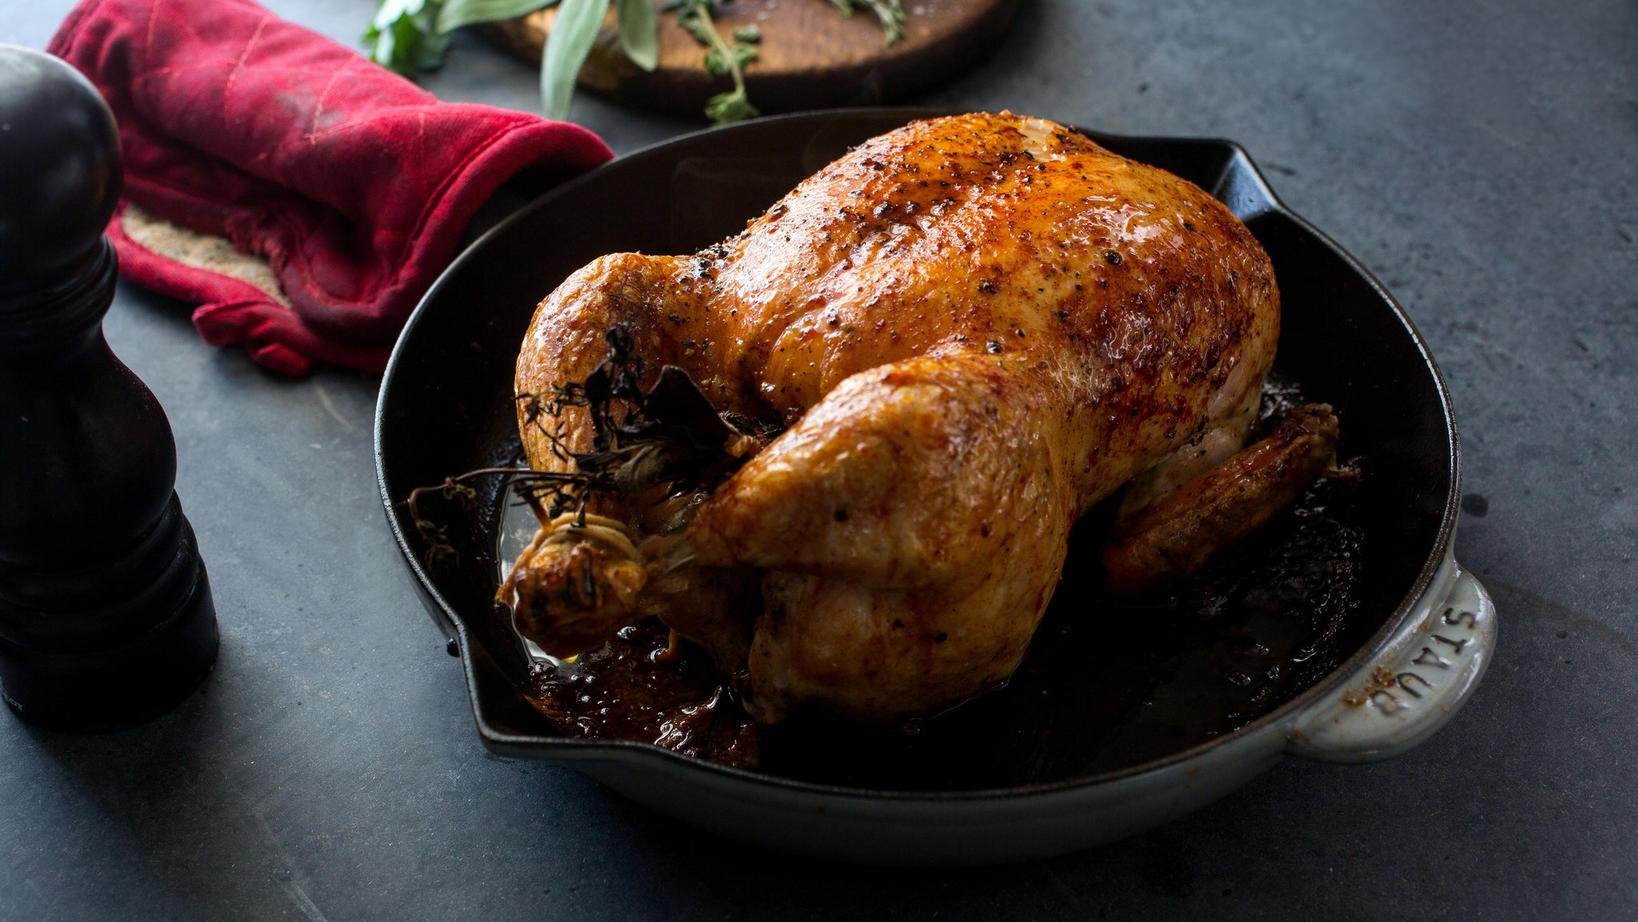 10 ошибок при приготовлении курицы, которые делают 90% людей